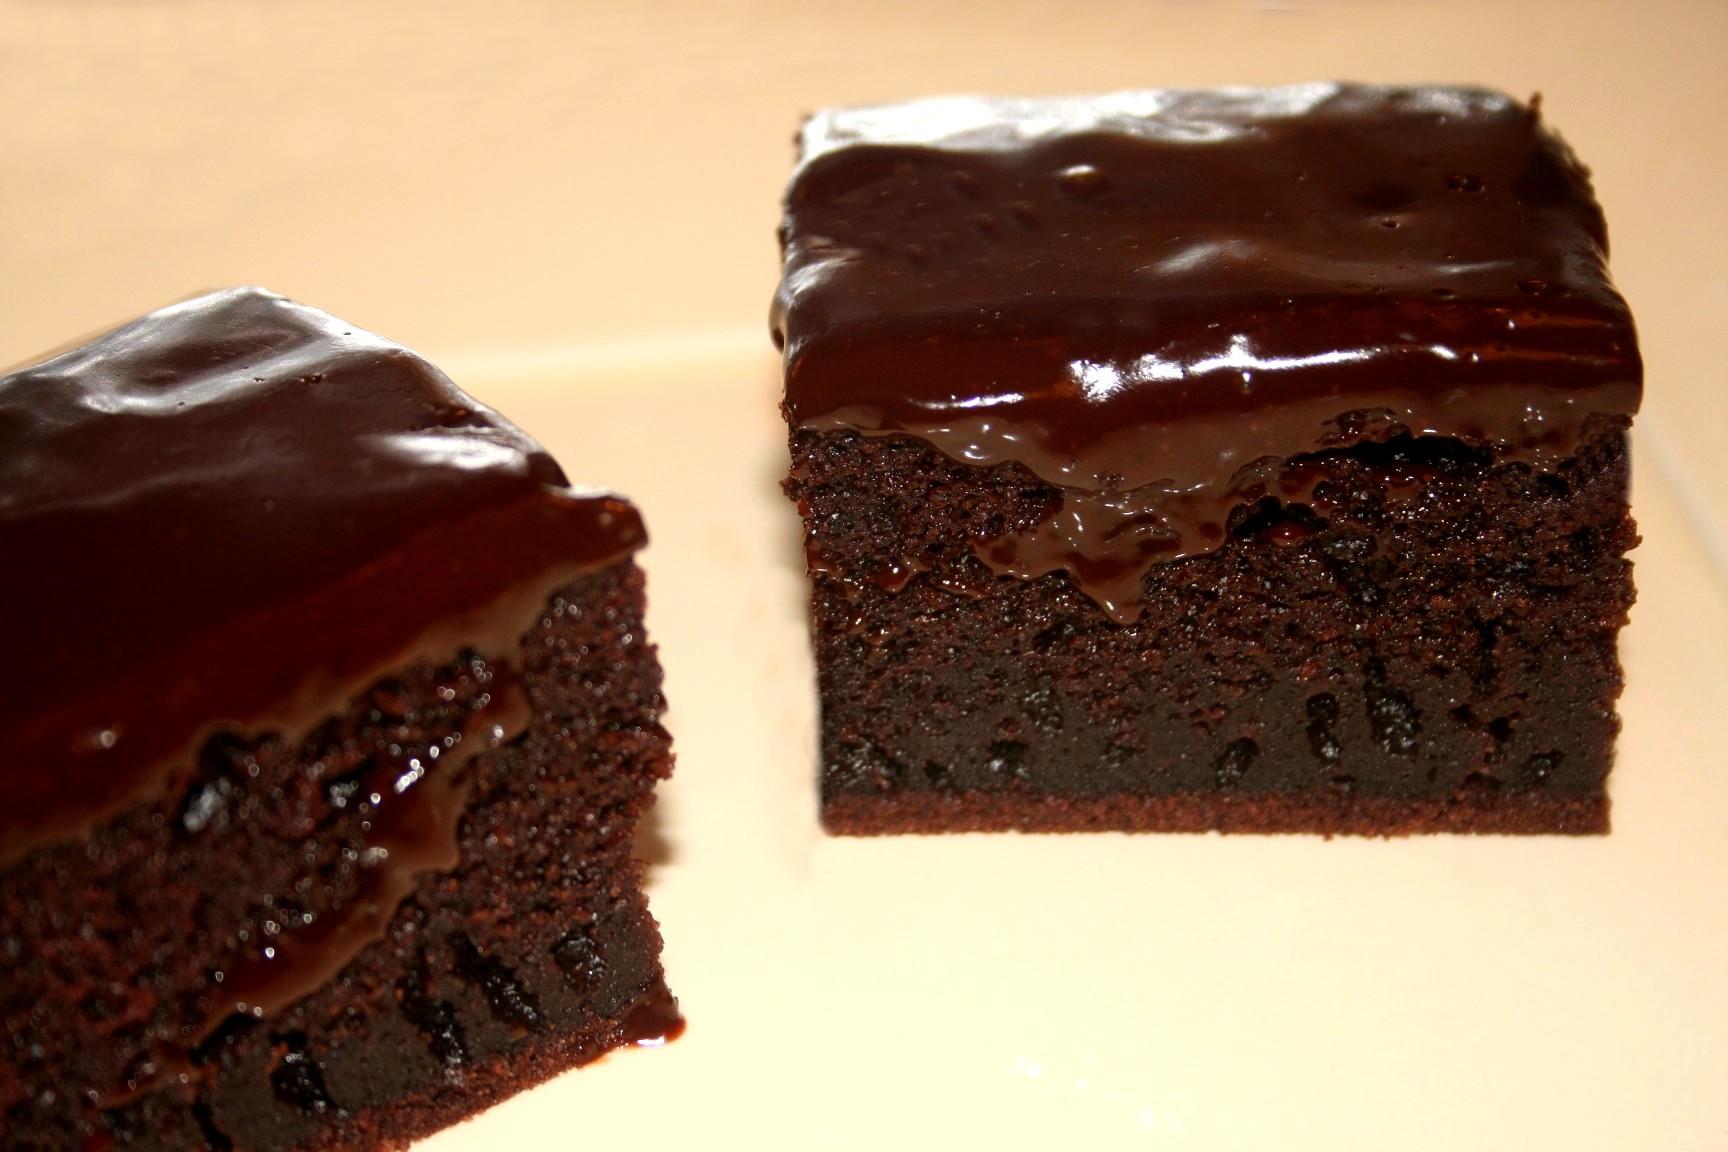 עוגת שוקולד הקסם השחור